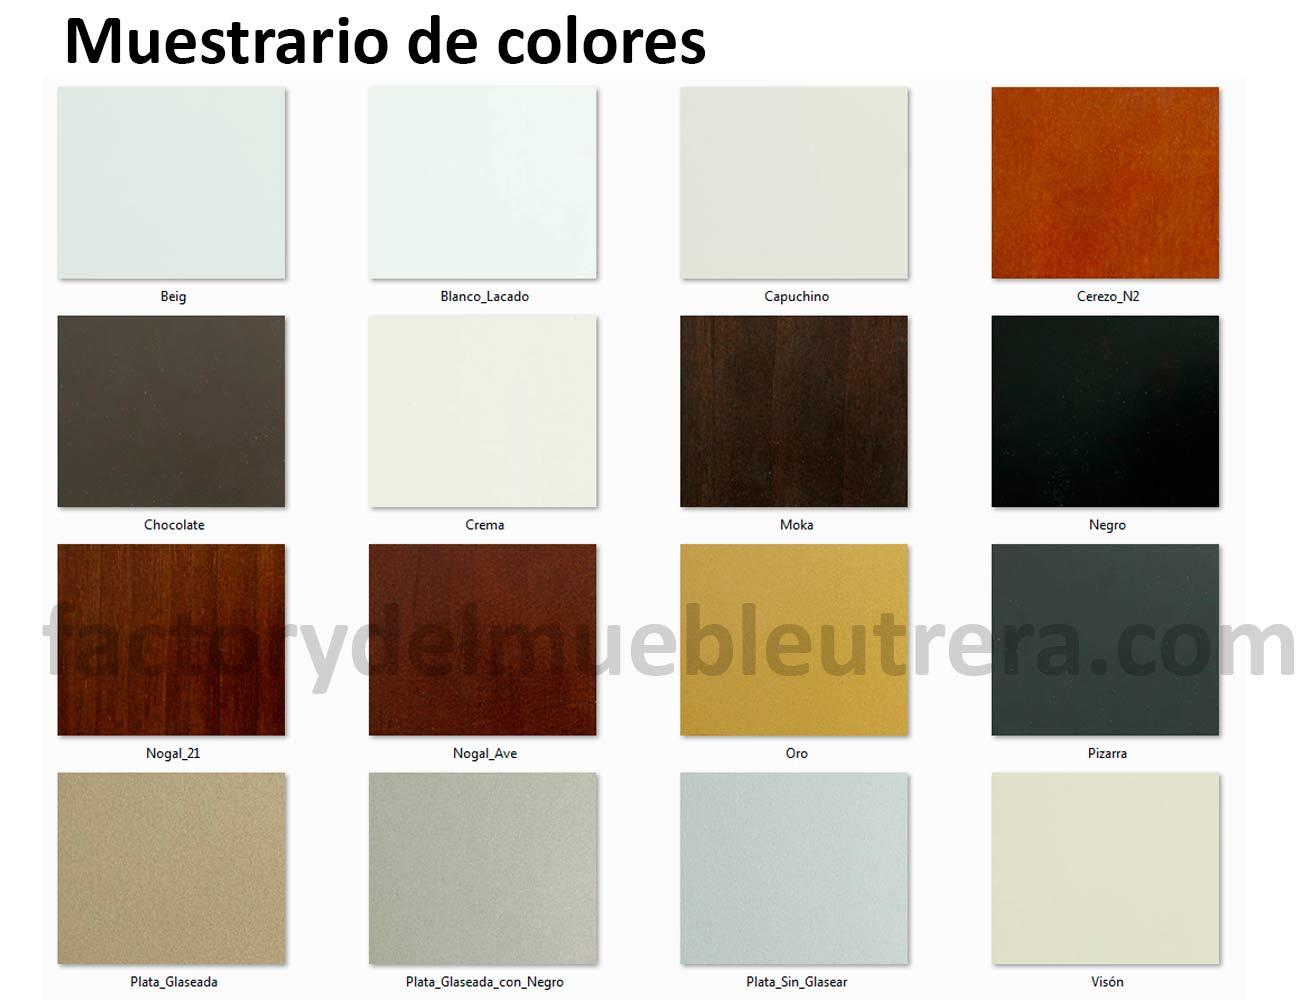 Colores web nueva23